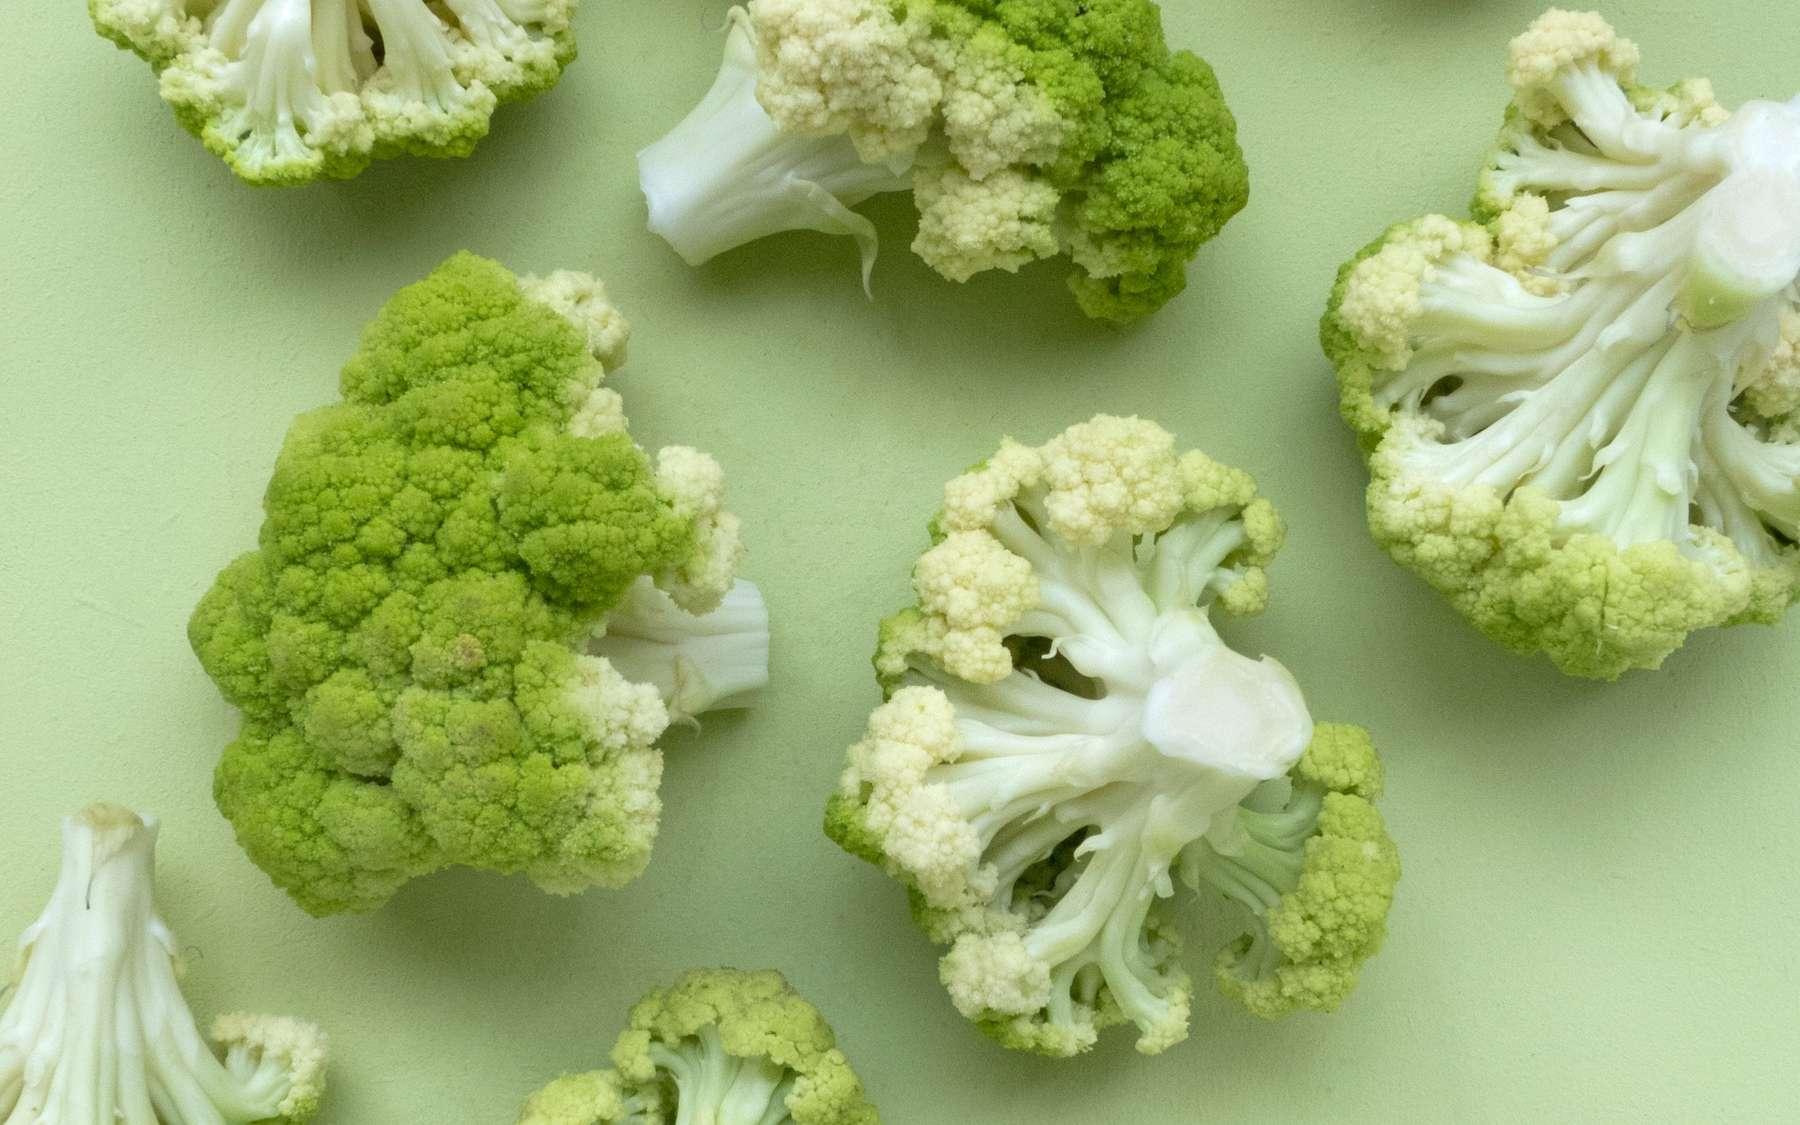 L'agriculture produit trois fois moins de fruits et légumes que nécessaire. © Foodism360, Unsplash